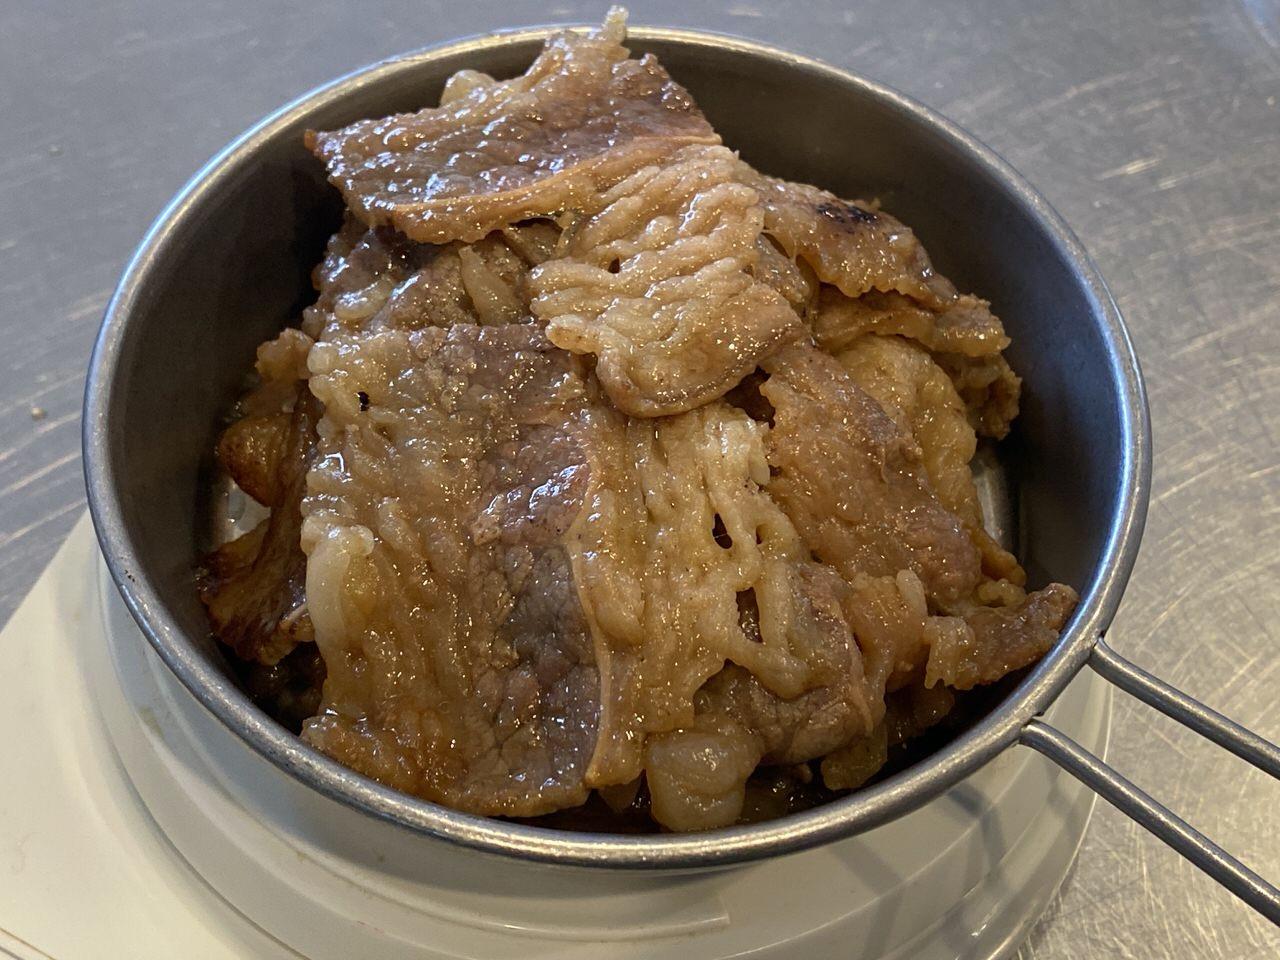 【松屋】カルビ焼肉33%増量は何グラム?3